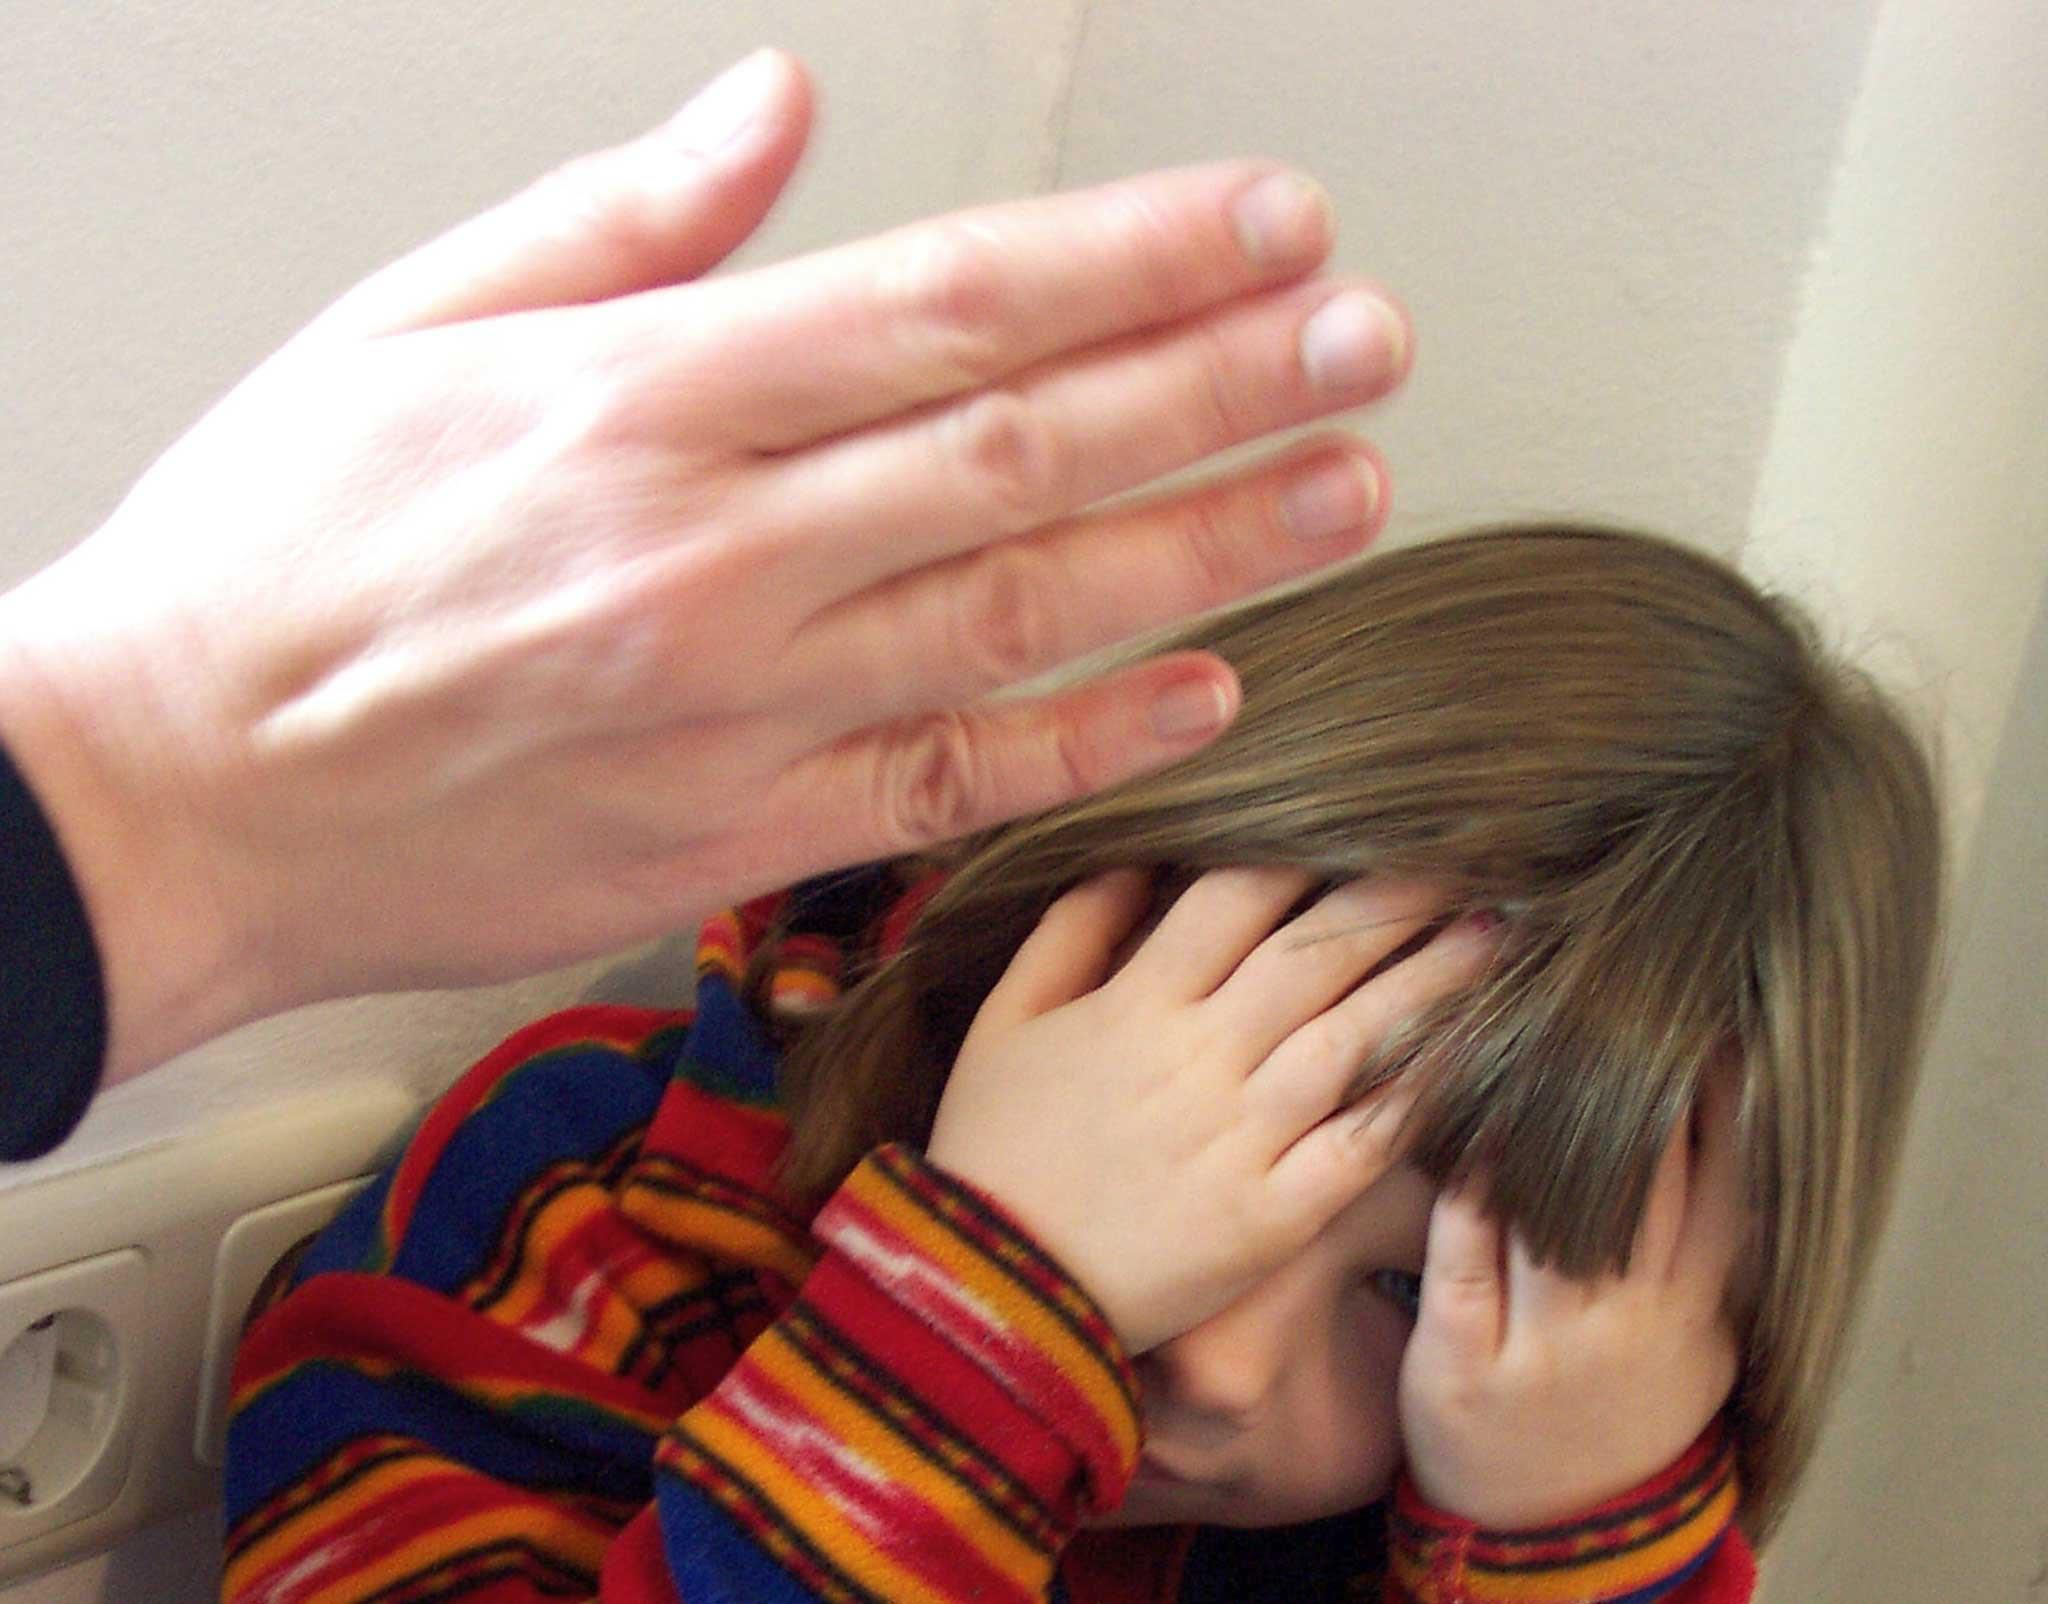 Смотреть мама и папа бьют дочку ремнем, Мама отшлепала дочку по юной попке 15 фотография